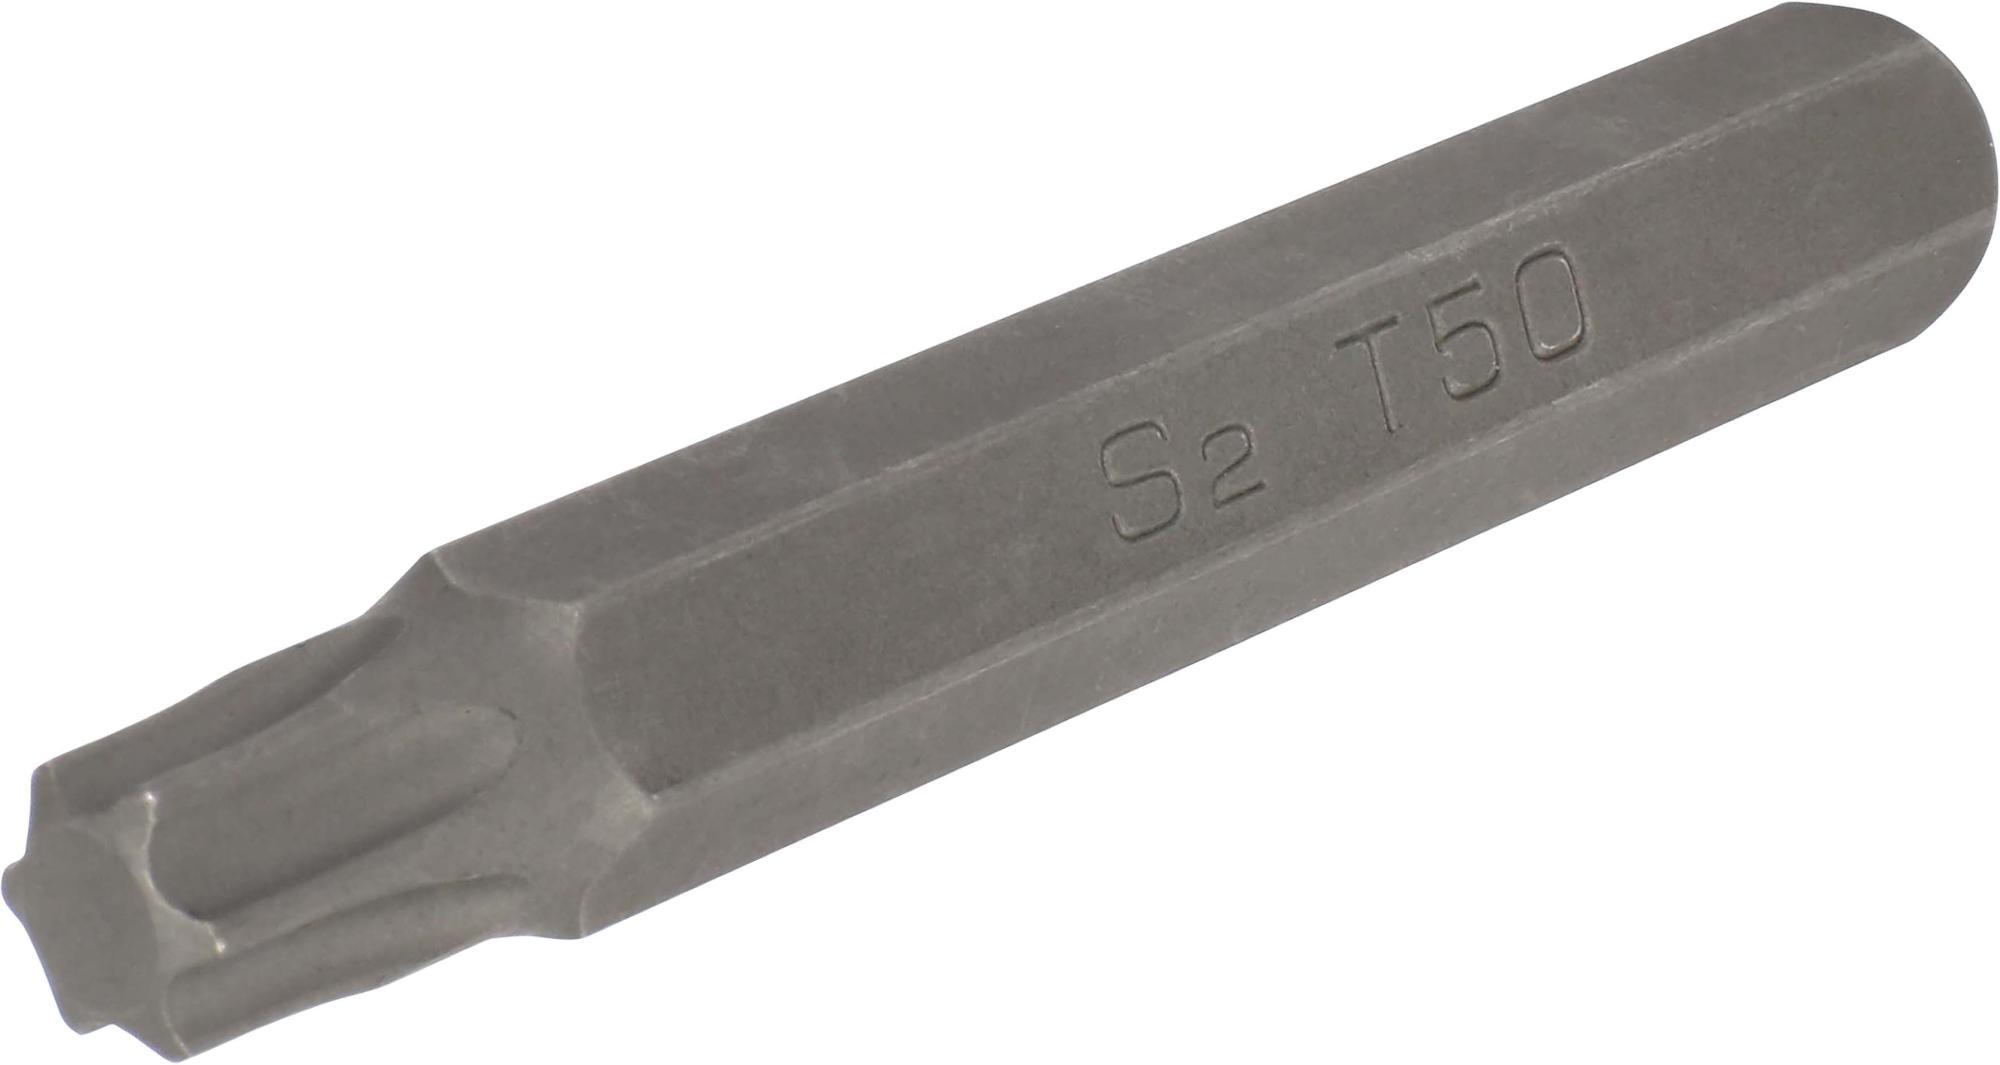 Bit, 10 mm 6-hran, TORX T50x75 mm